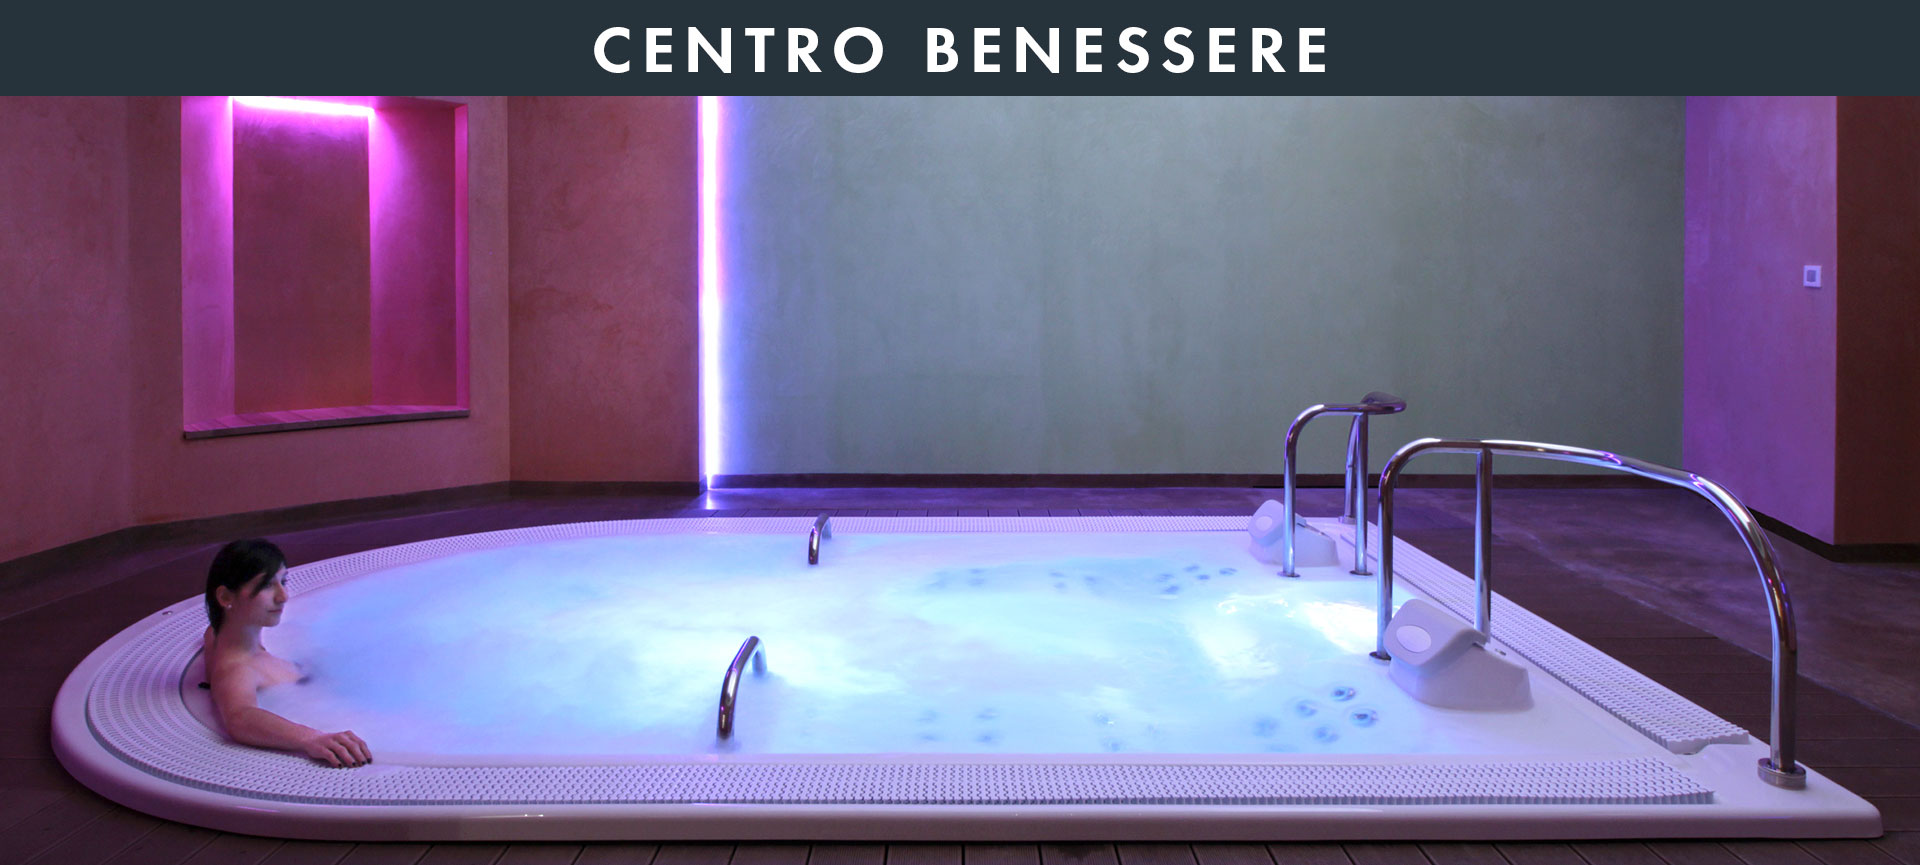 17_02_2016_centro_benessere_web